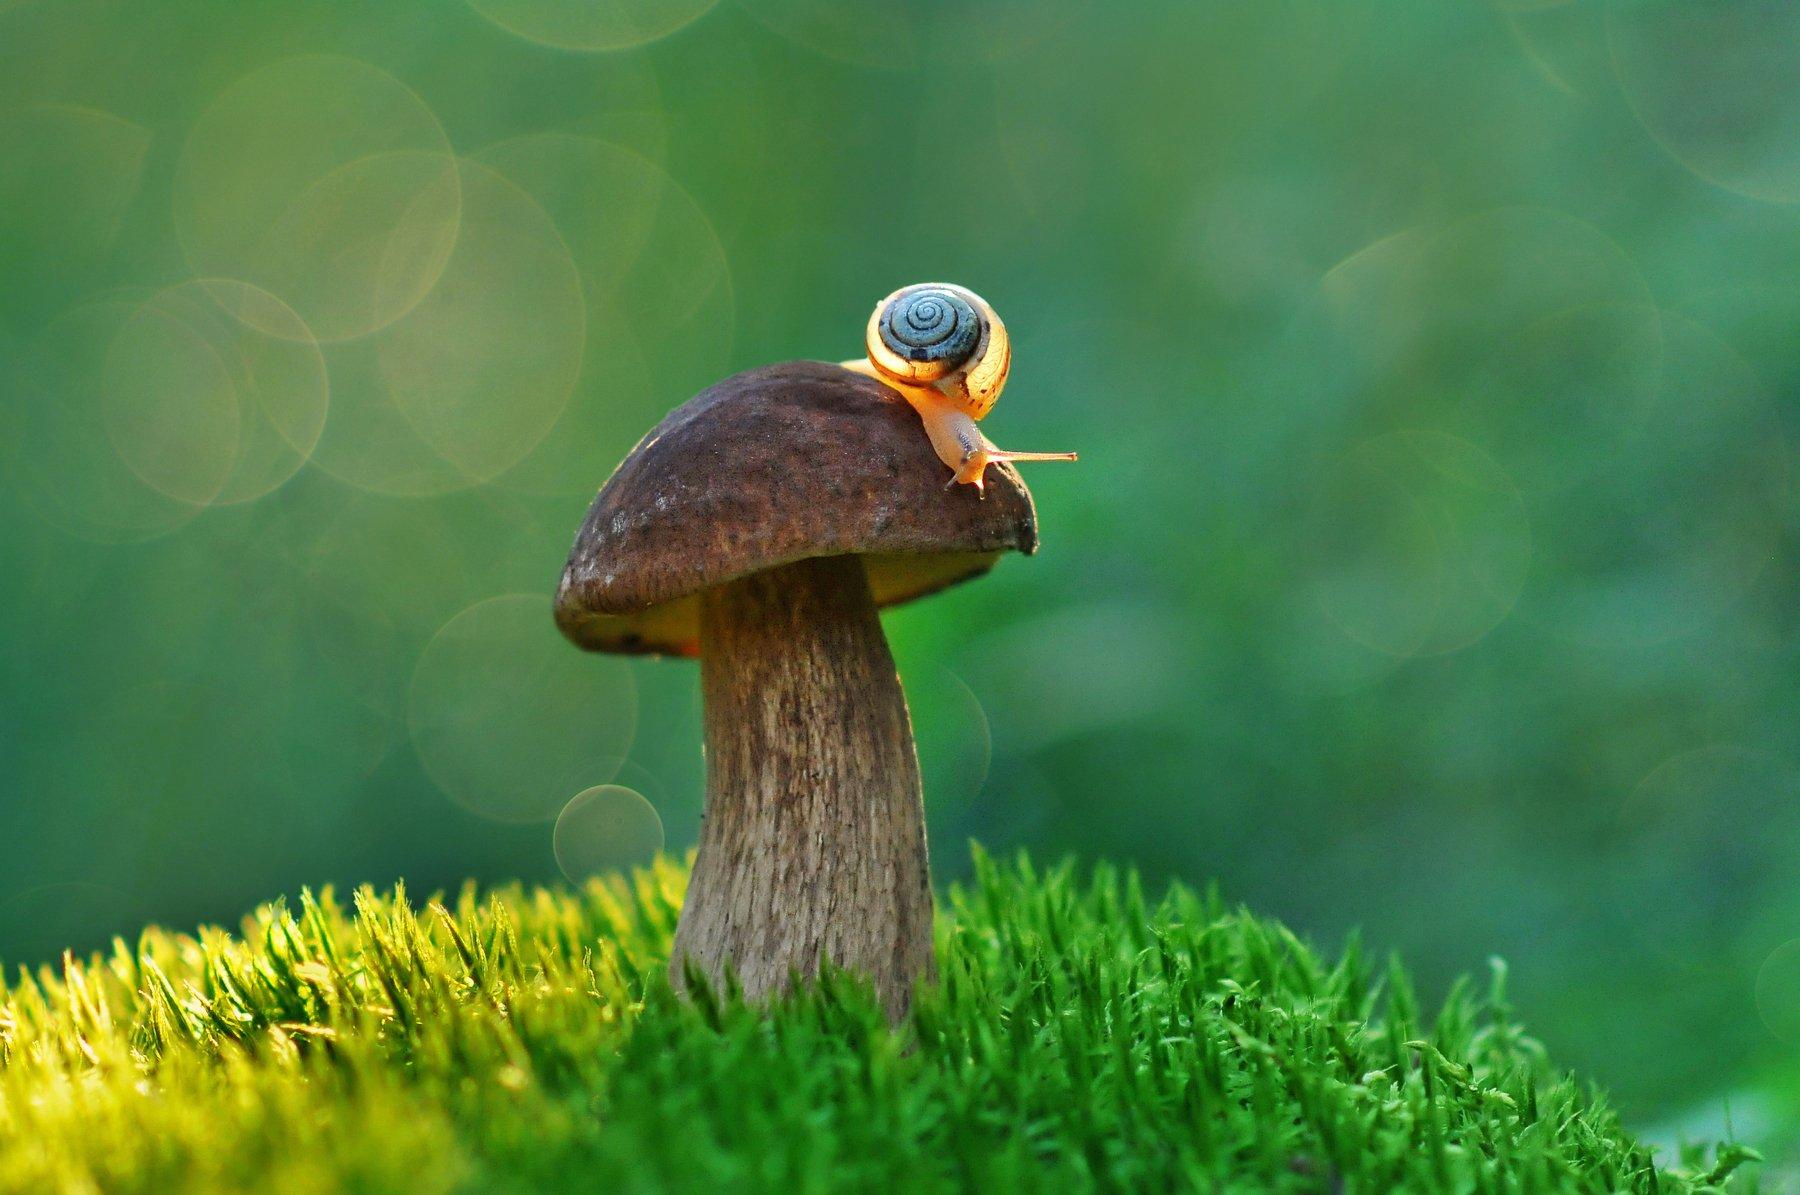 грибы, природа, макро, улитка, Александр Гвоздь